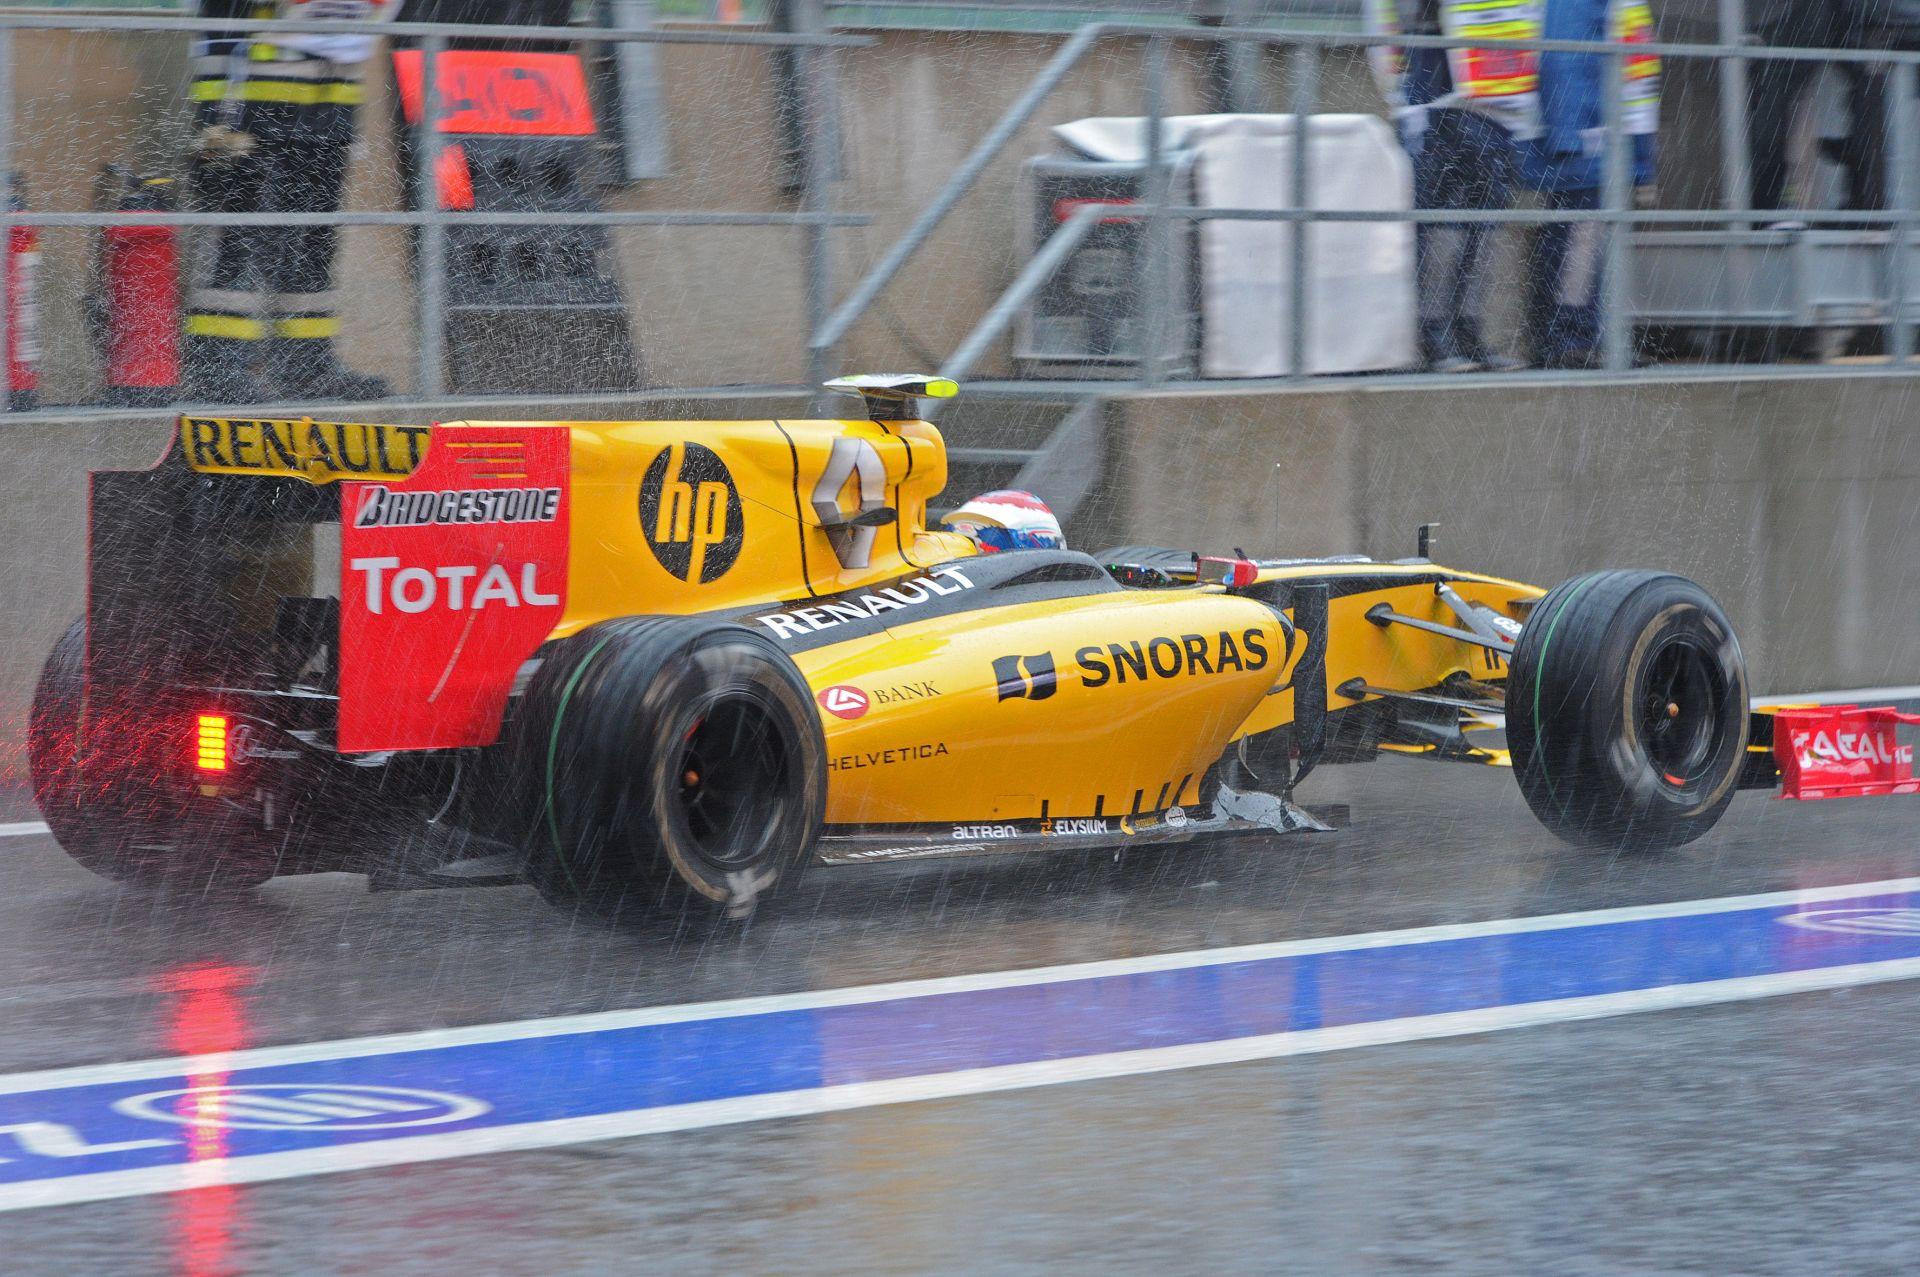 2017-ben már esélyes lesz a címre a Renault a Forma-1-ben?